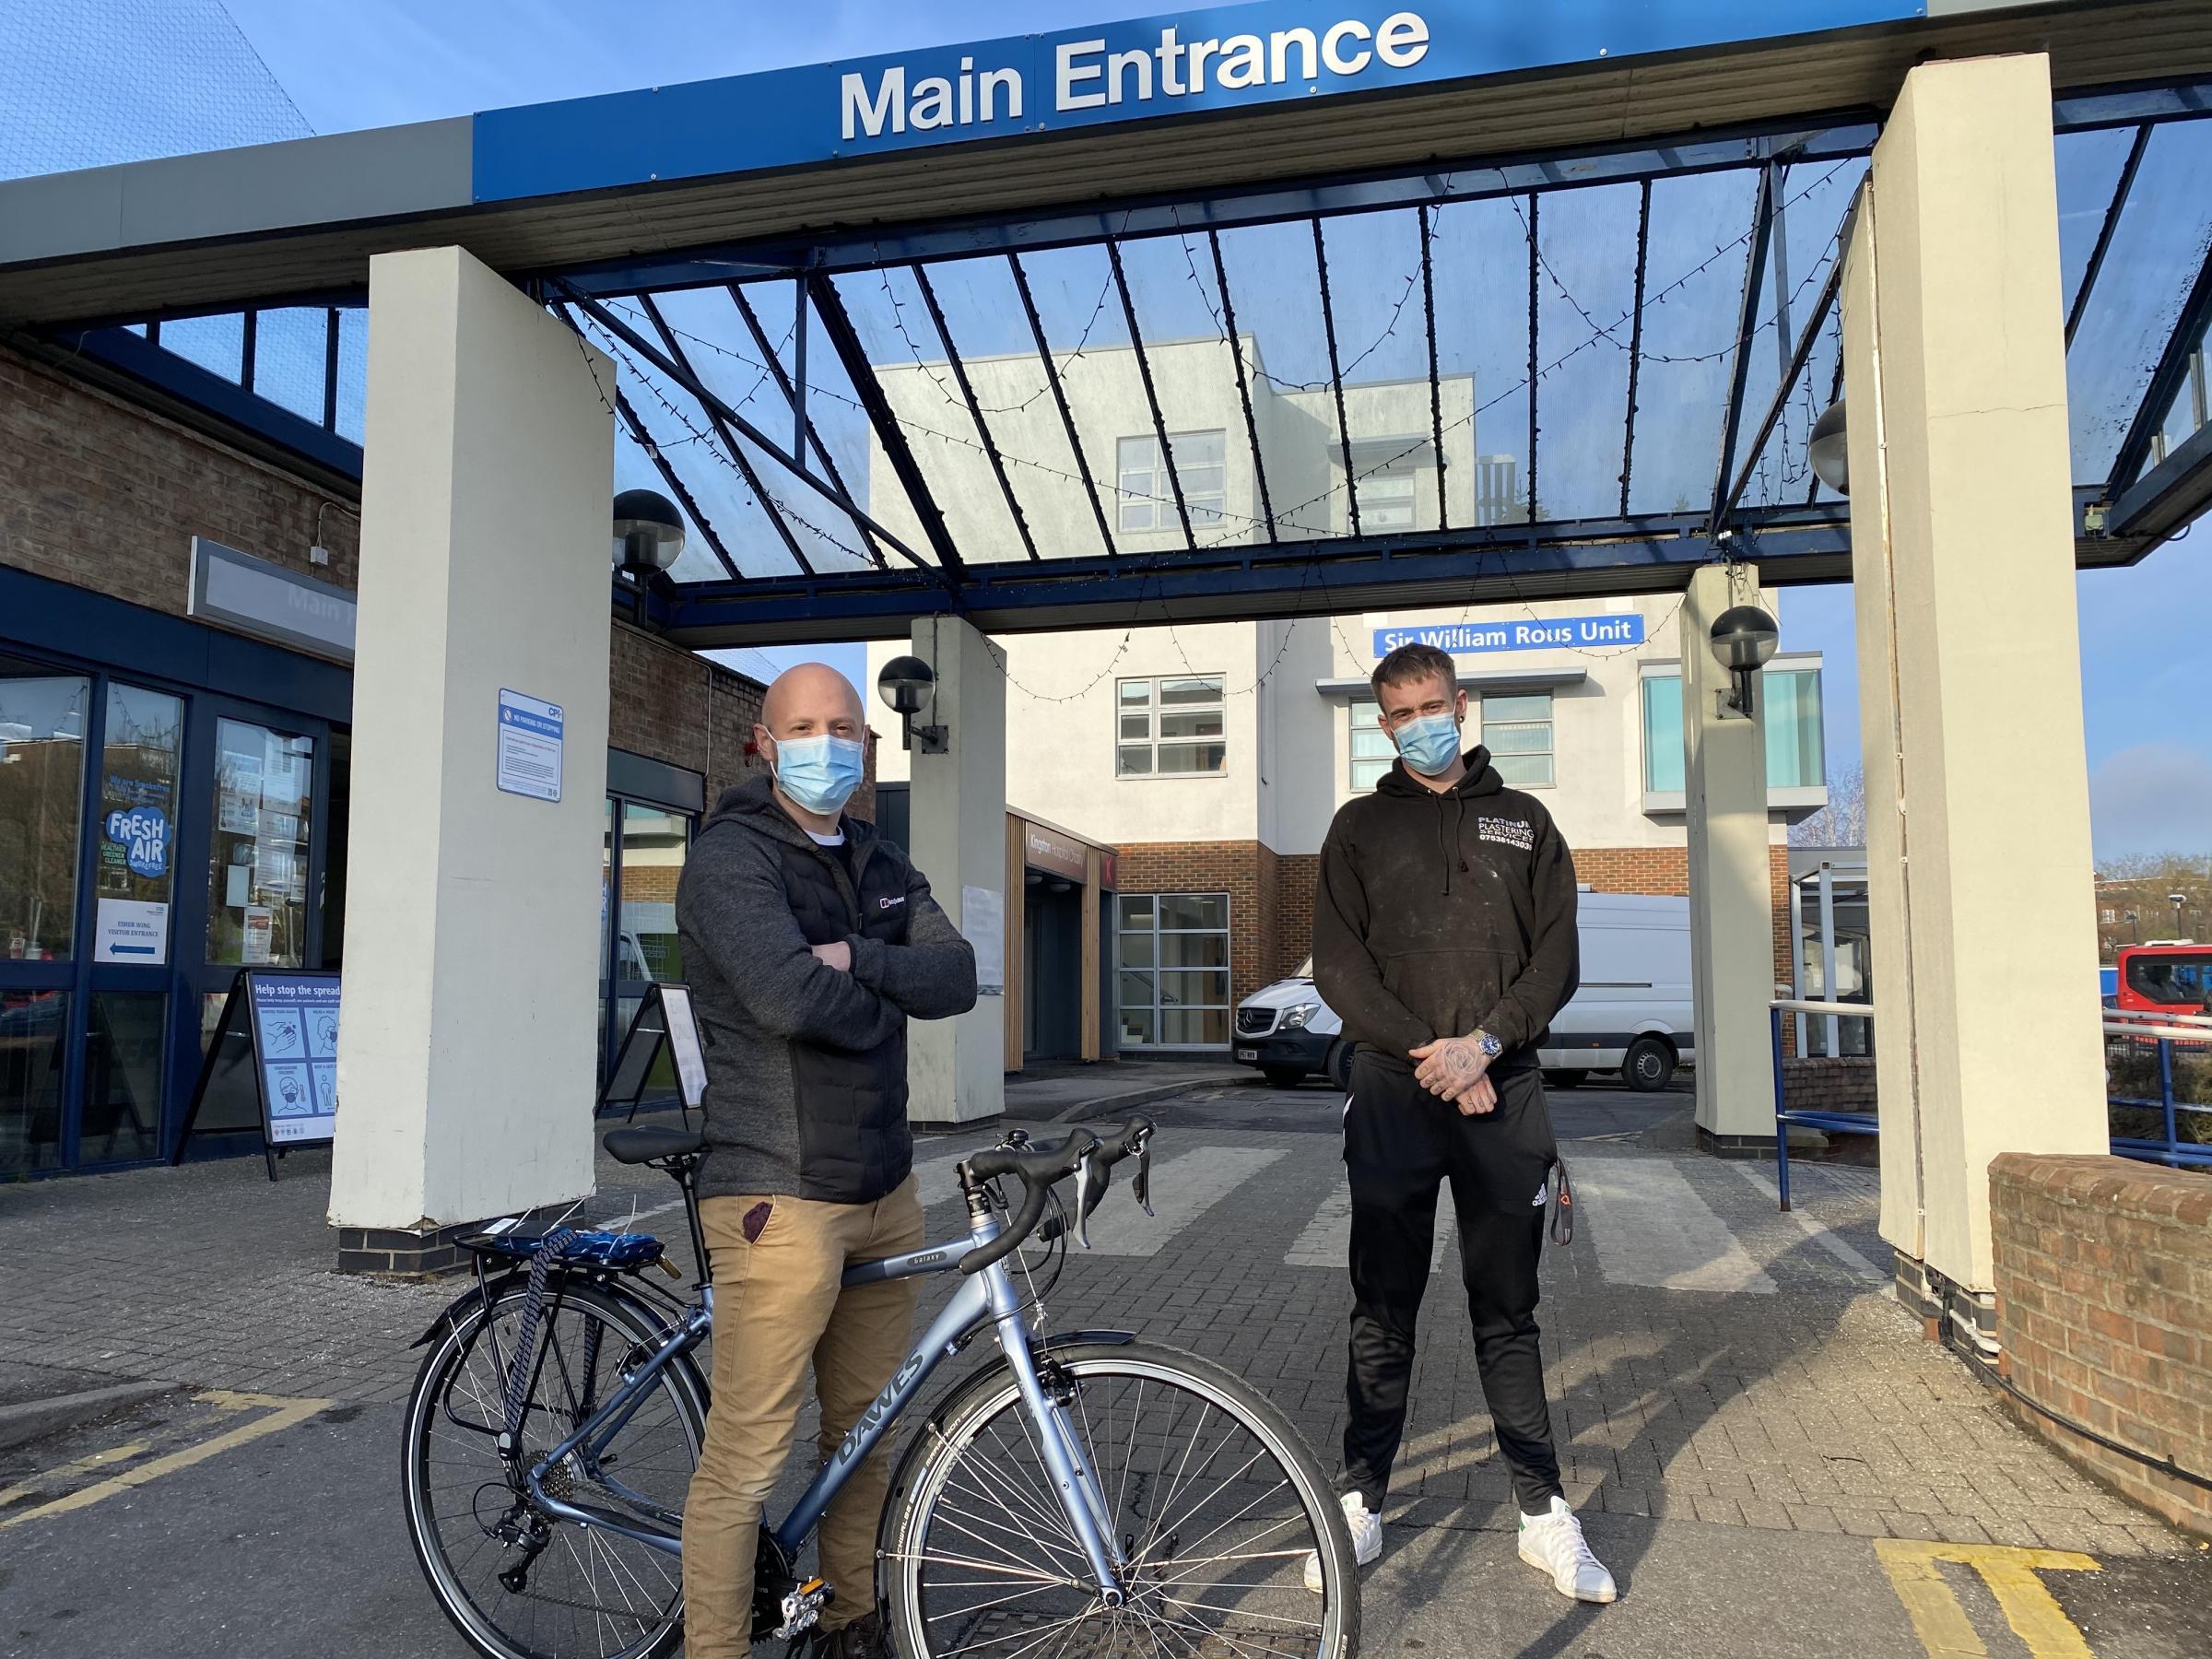 Worker helps Kingston doctor whose bike was stolen